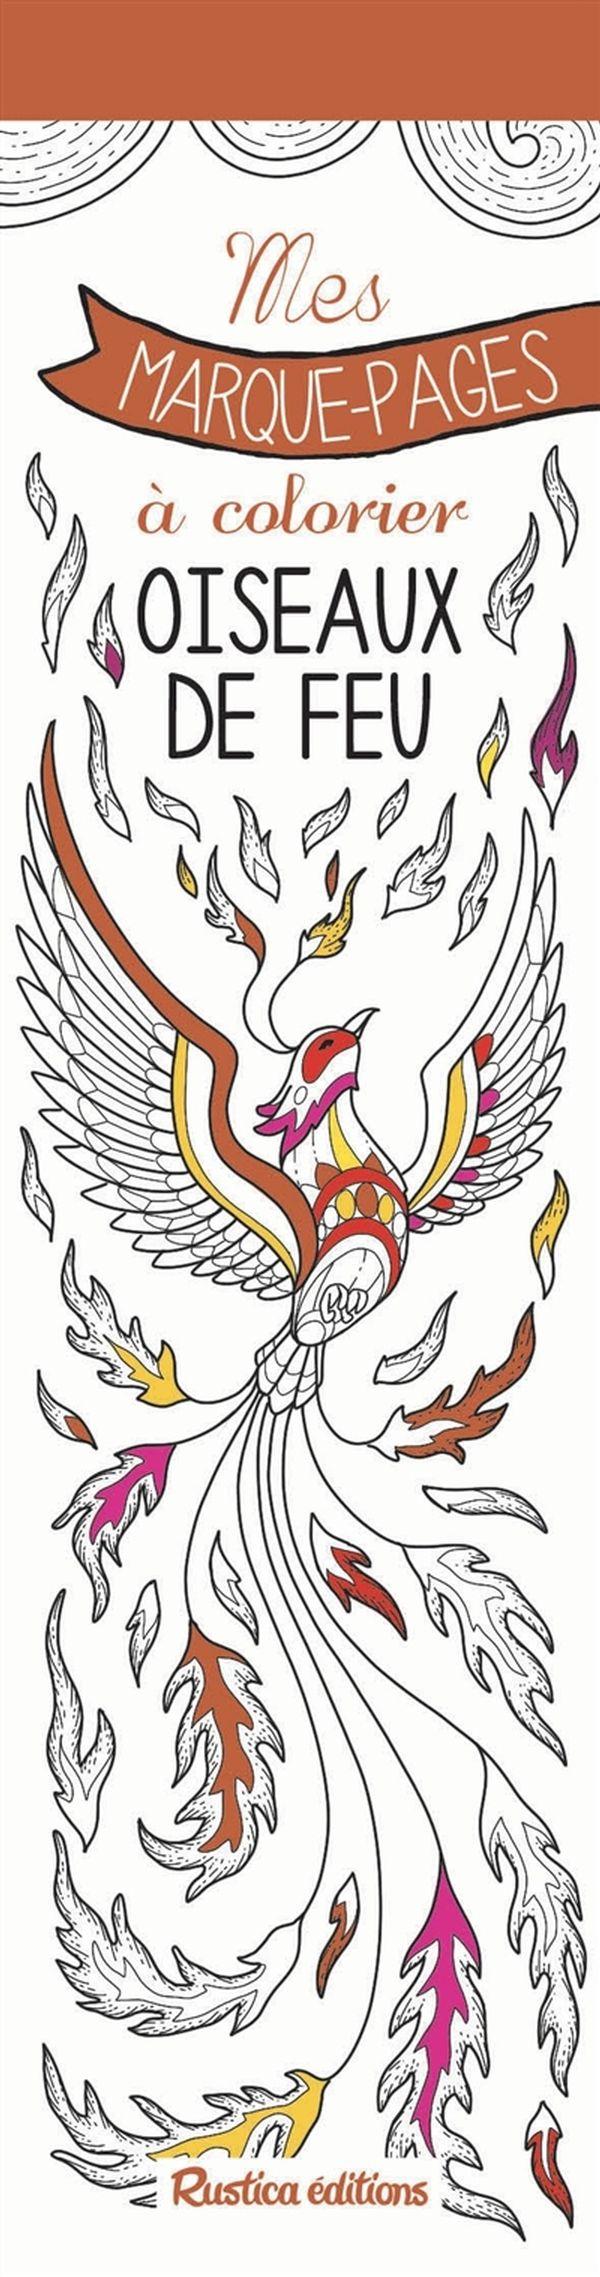 Mes marque-pages à colorier - Oiseaux de feu